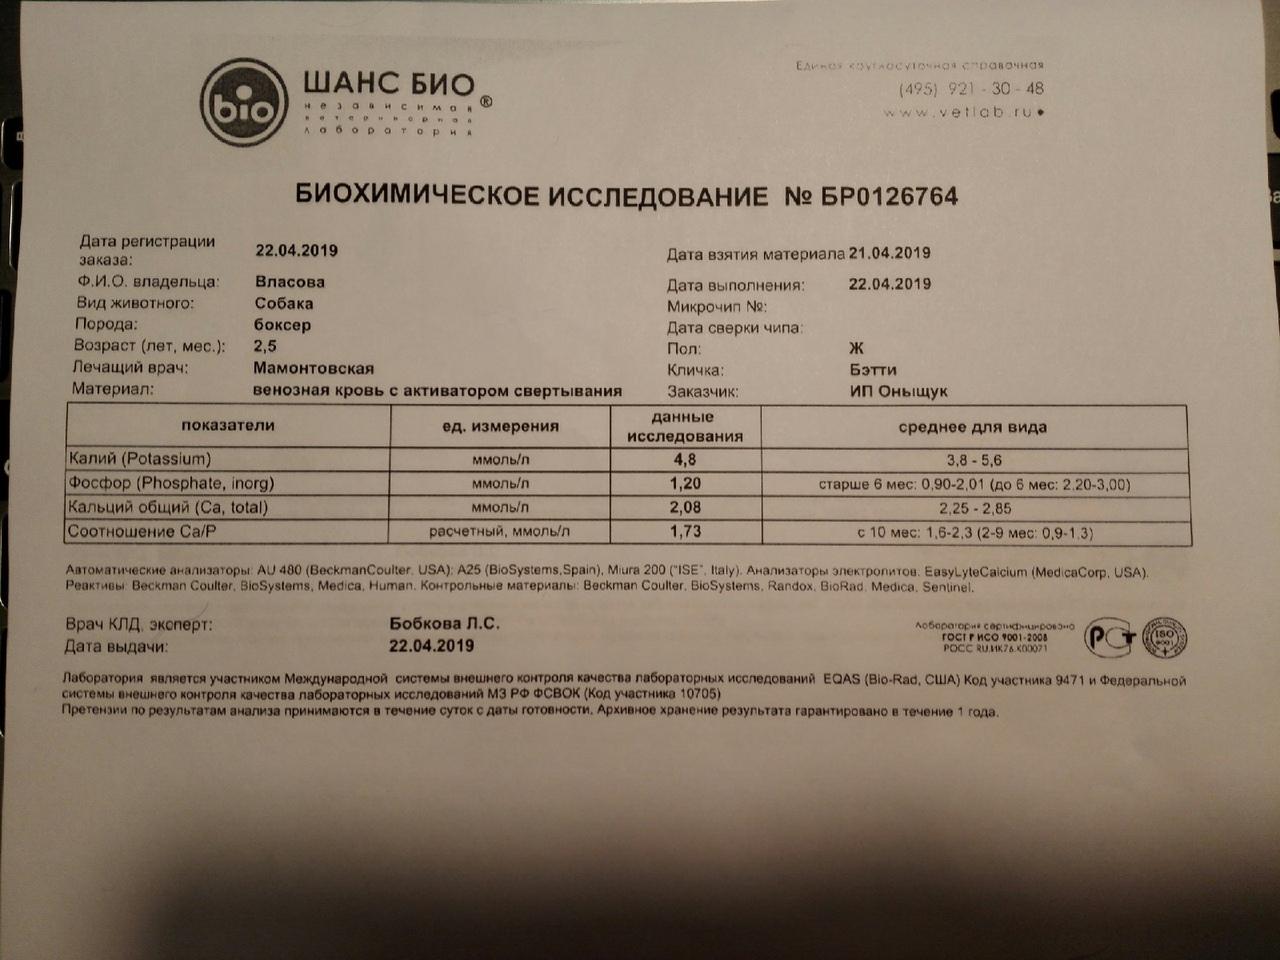 Москва, Беатрис (Бетти), сука,  14.10.2016 - Страница 3 DnMbqGE8AT4